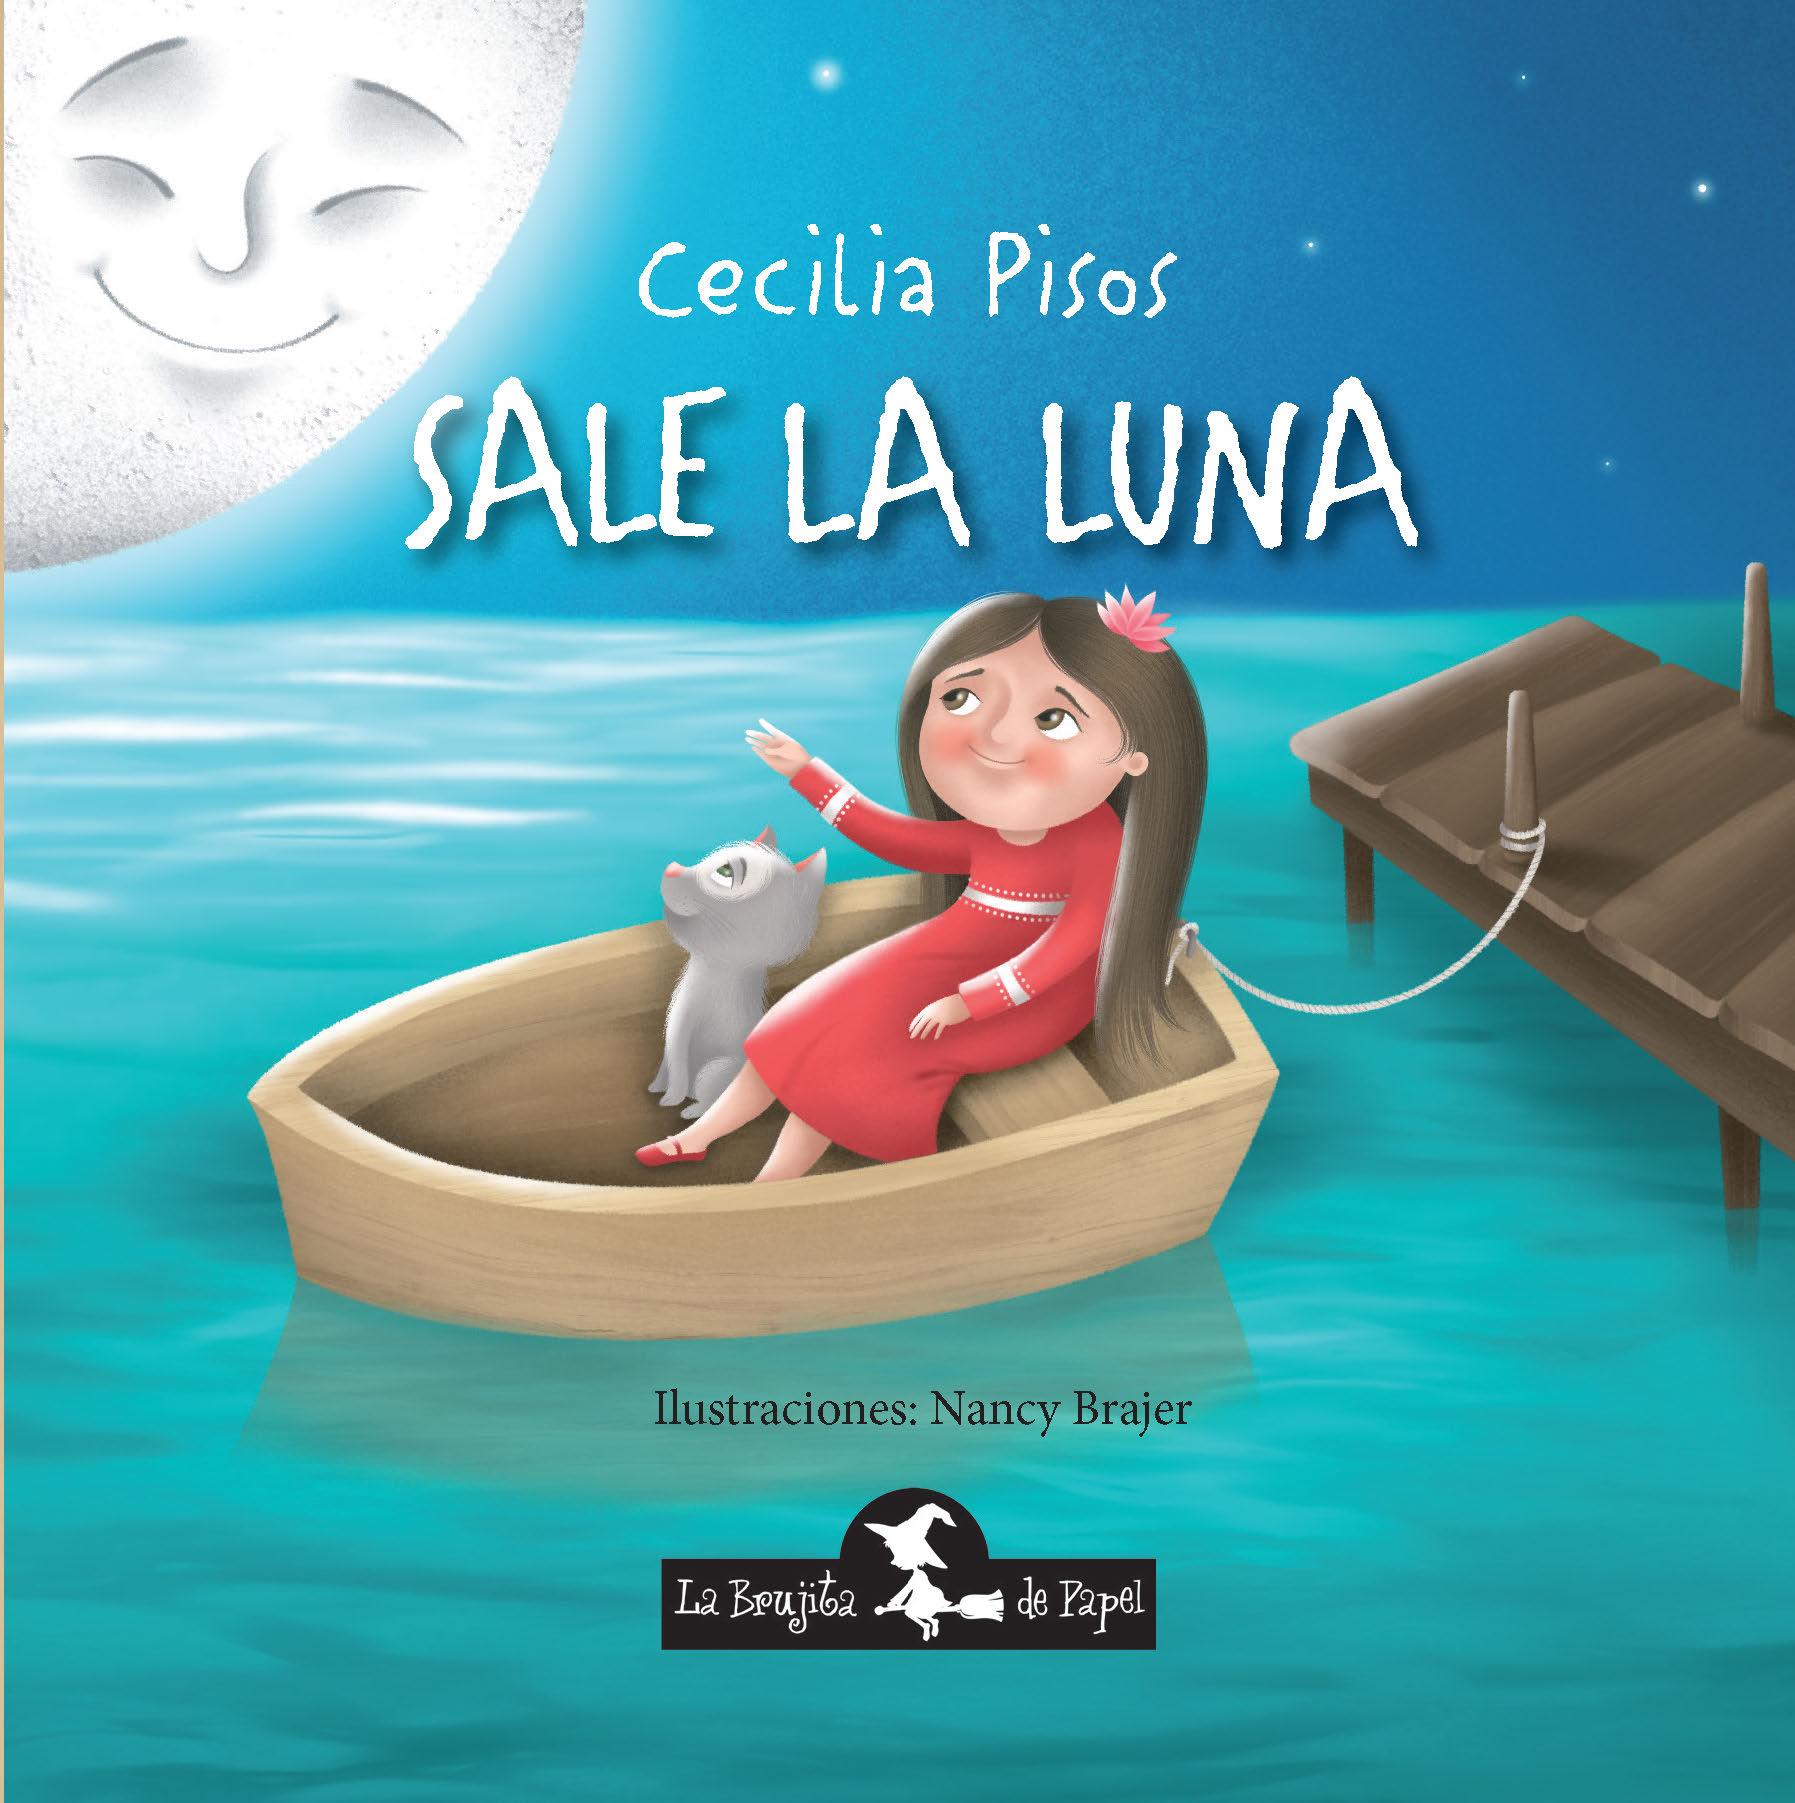 Sale la luna - Pisos Cecilia